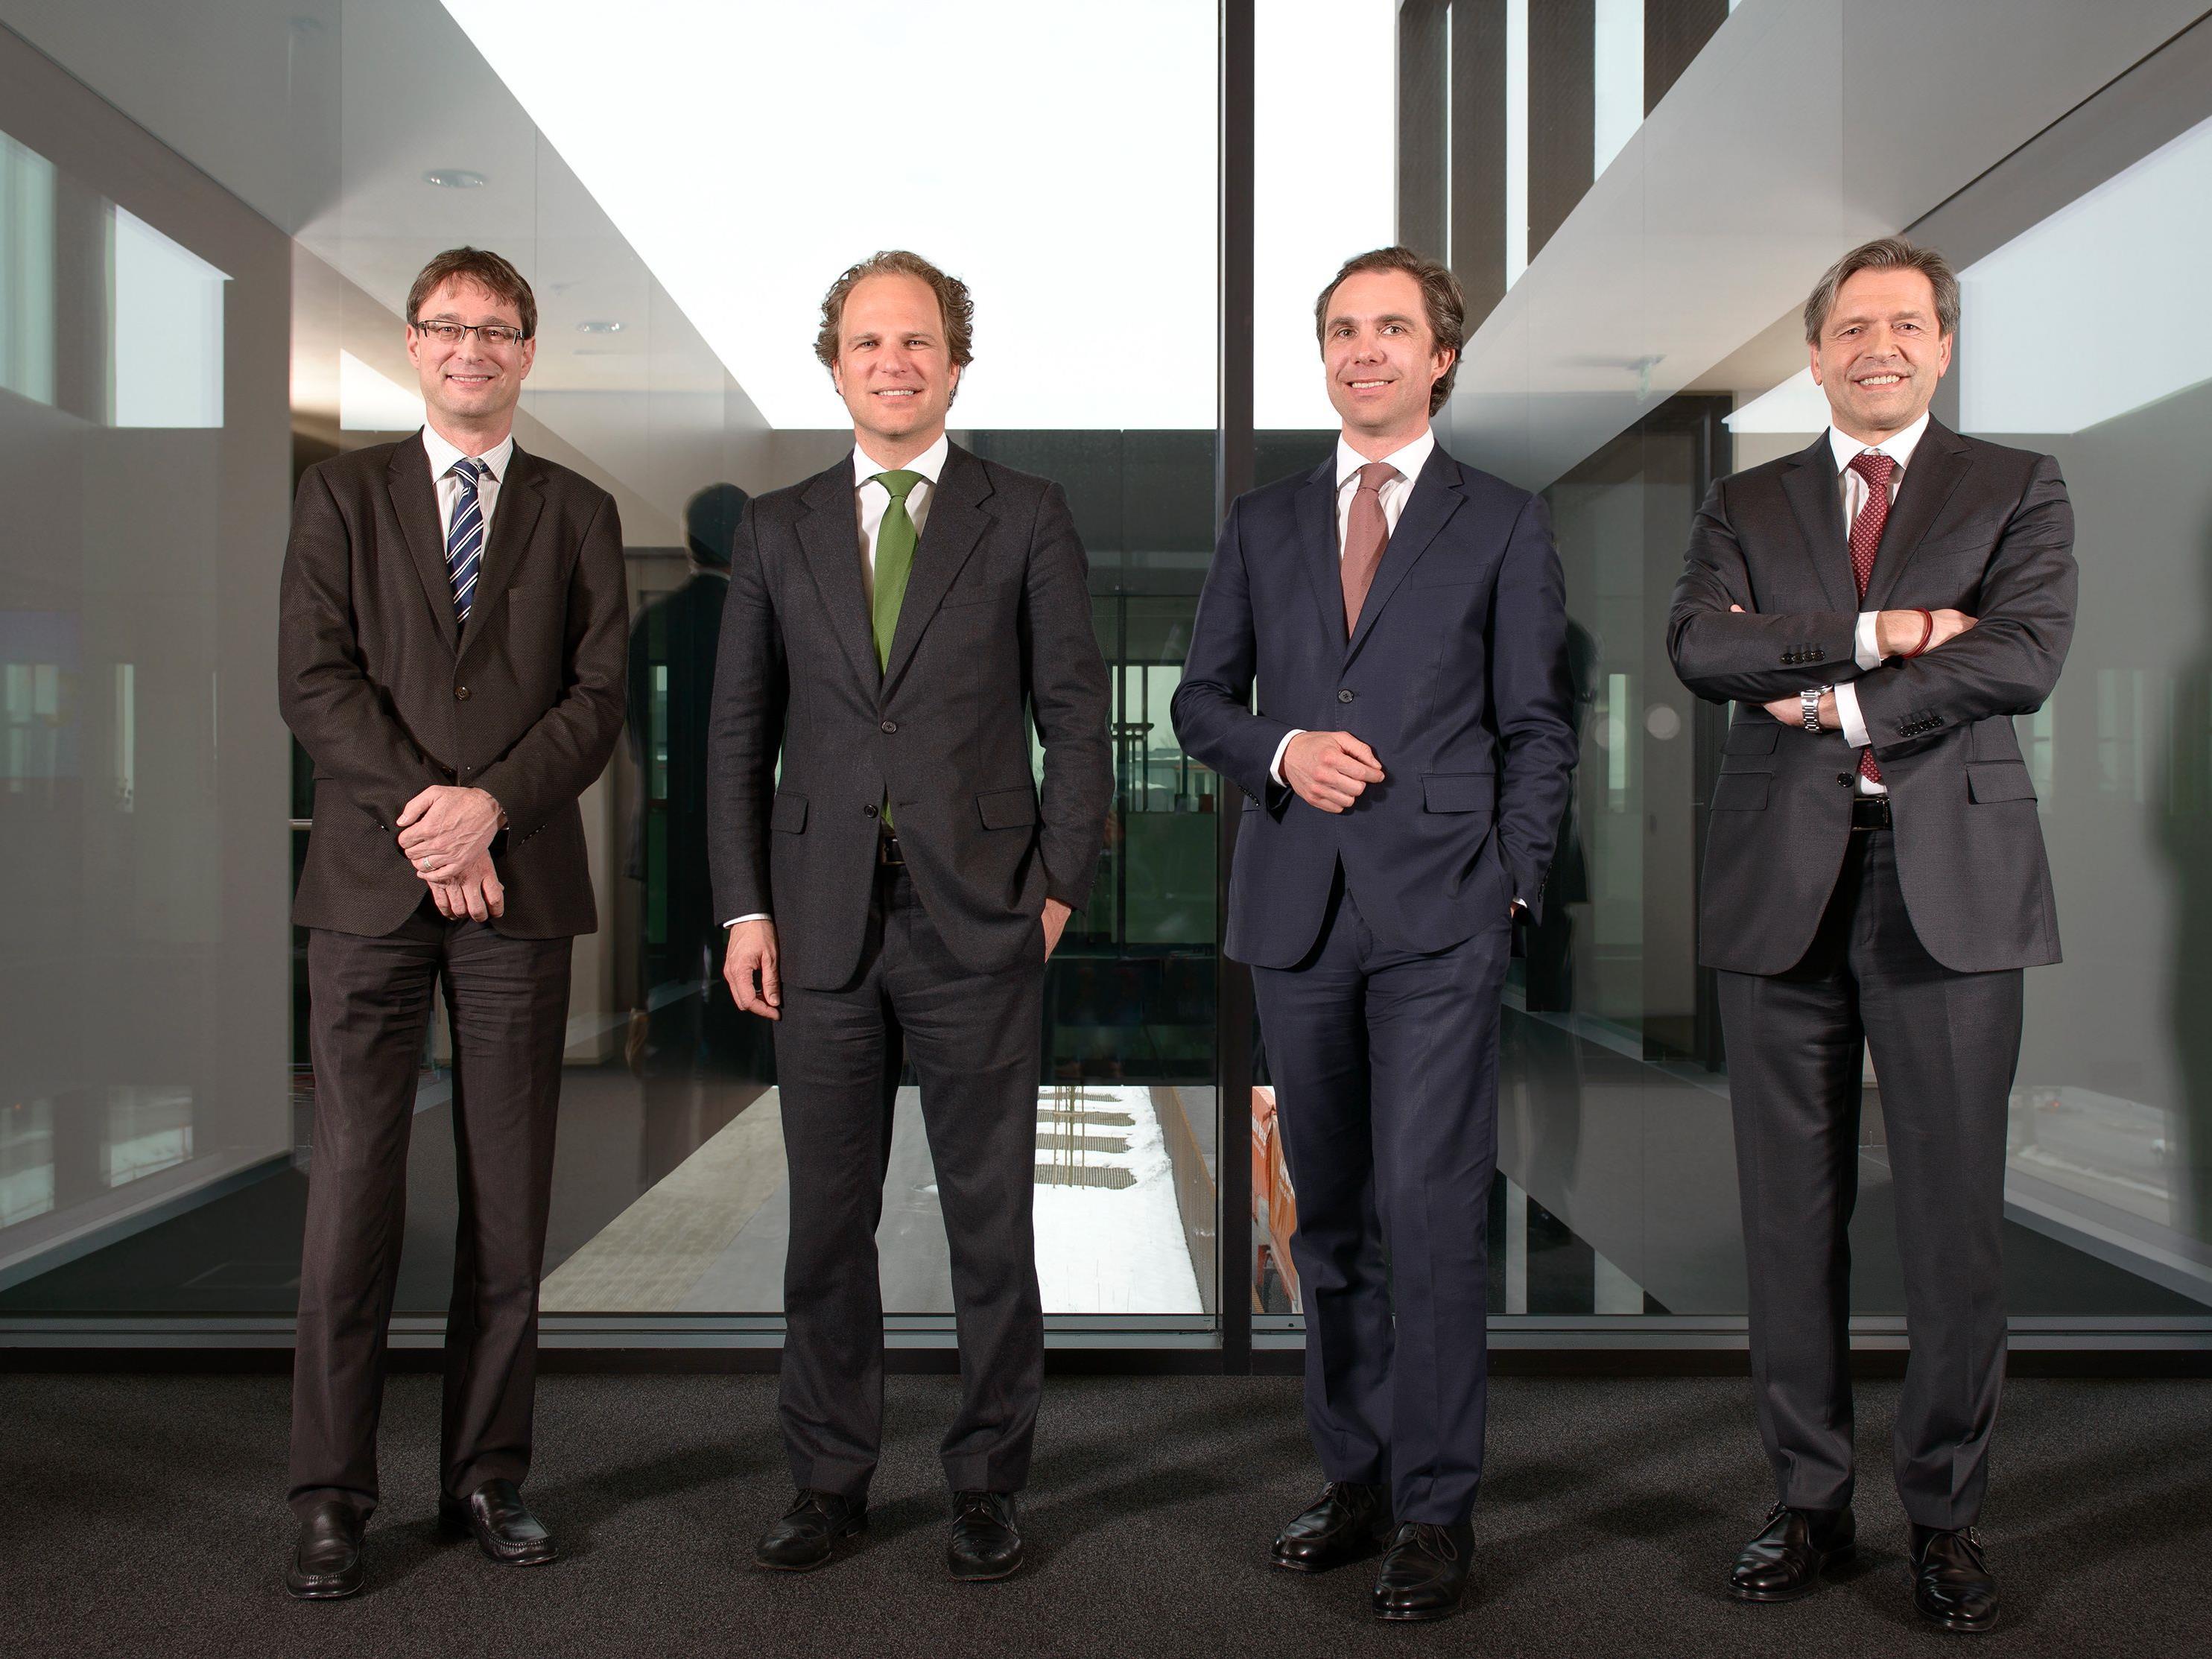 Der Gebrüder Weiss Vorstand (v.l.n.r.): Peter Kloiber, Heinz Senger-Weiss, Wolfram Senger-Weiss und Vorstandsvorsitzender Wolfgang Niessner.